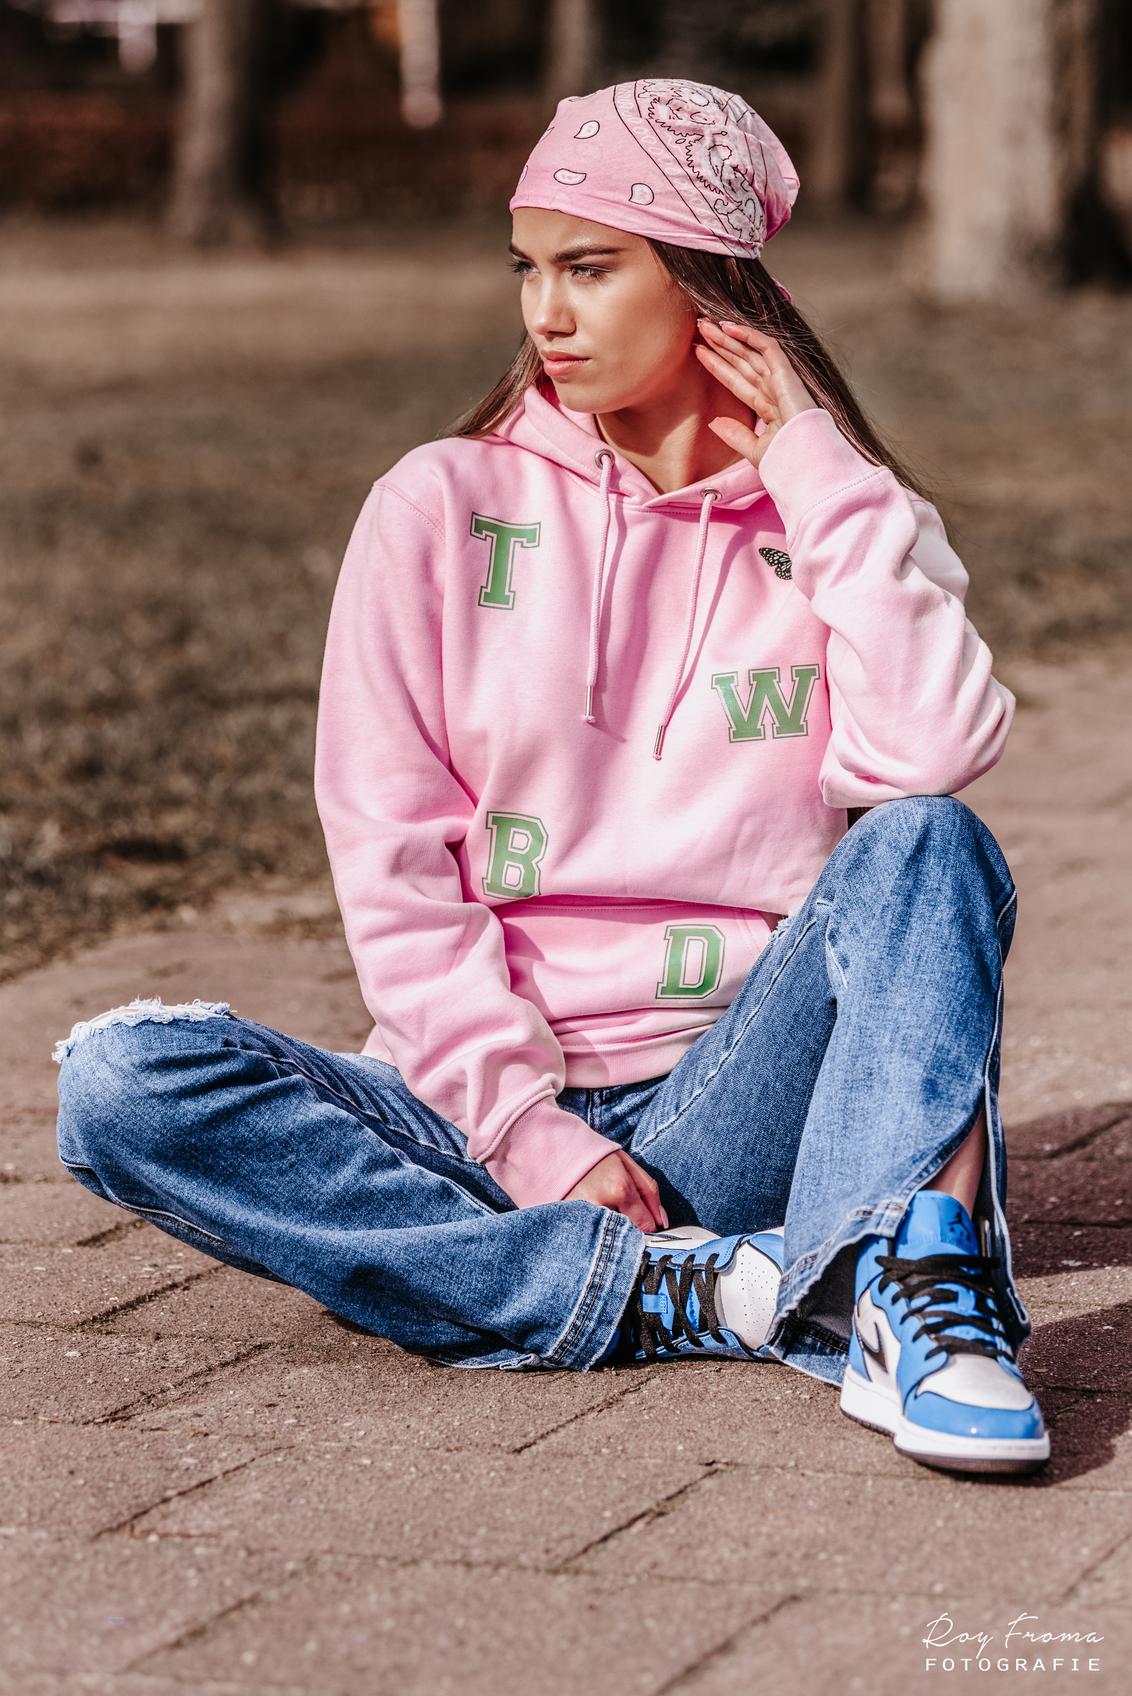 Street style - Model: Jennifer Descendre - foto door royfroma op 25-02-2021 - deze foto bevat: vrouw, kleur, licht, portret, model, daglicht, stoer, haar, fashion, lippen, beauty, schoenen, sfeer, pose, kapsel, belichting, expressie, jeans, mode, fotoshoot, kleding, locatie, bokeh, fashionfotografie